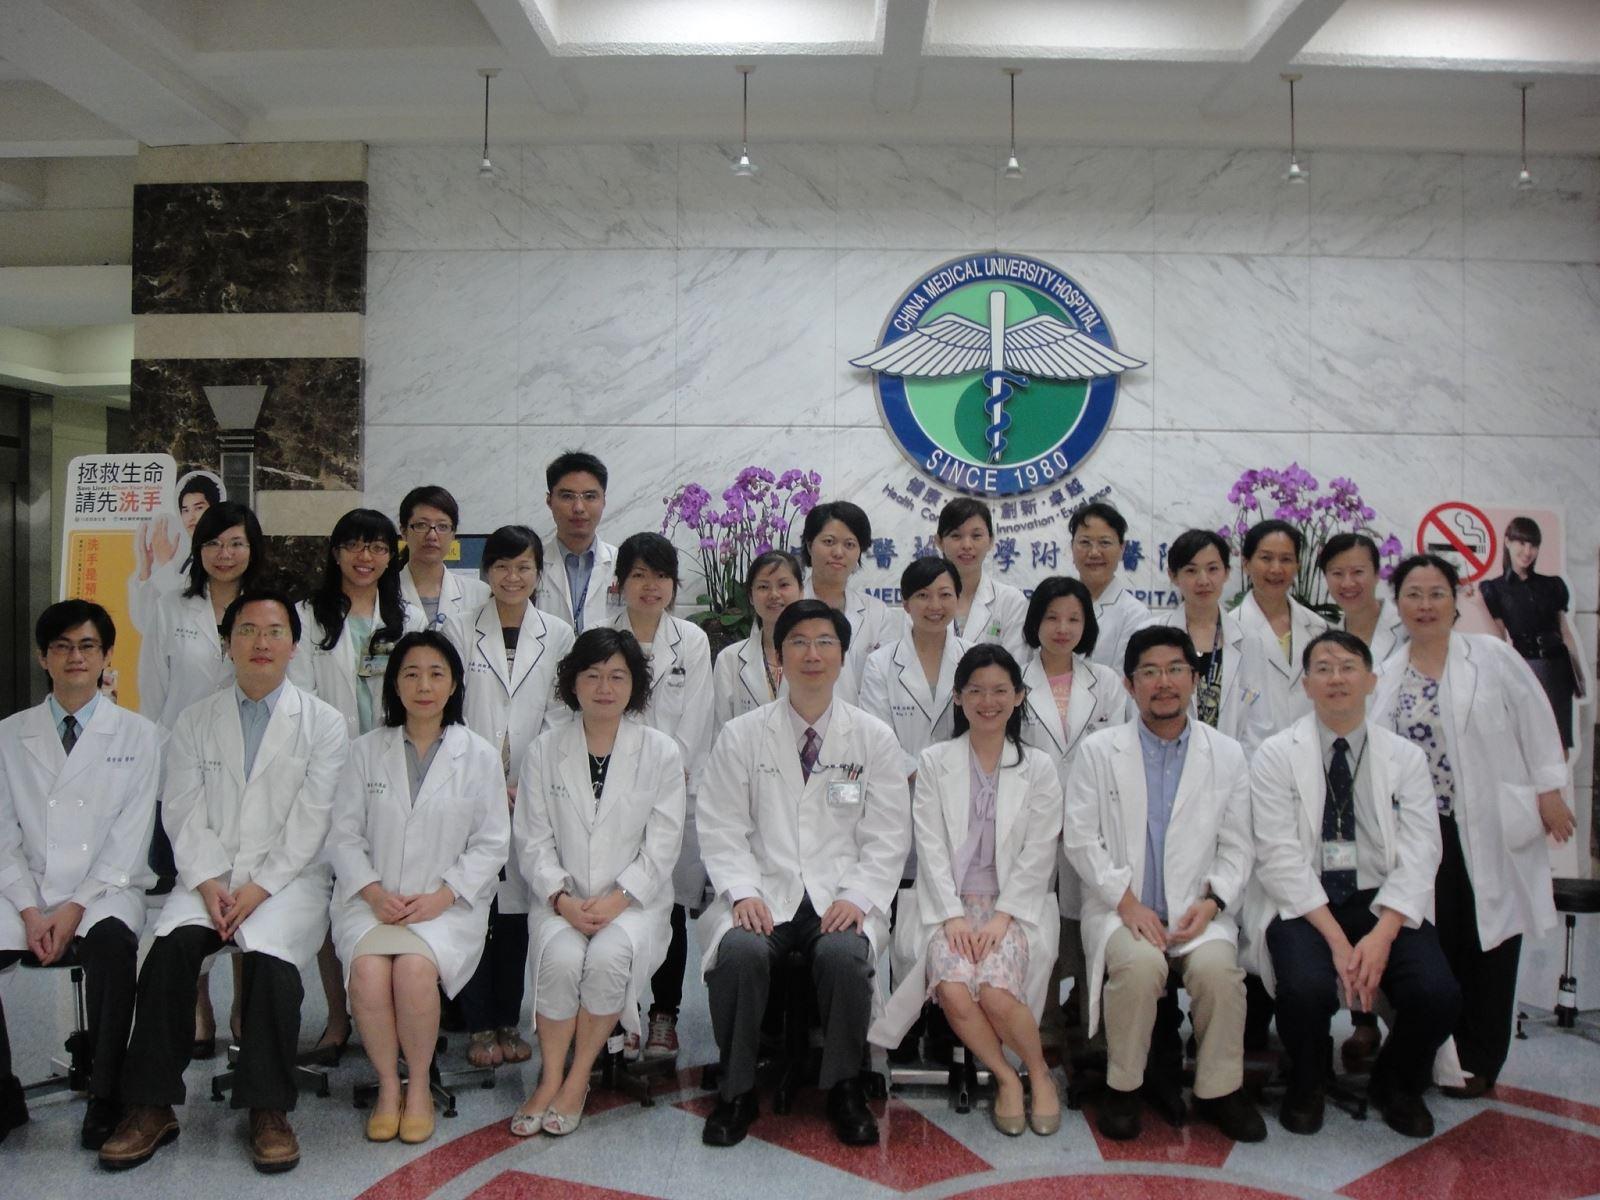 眼科部醫師團隊